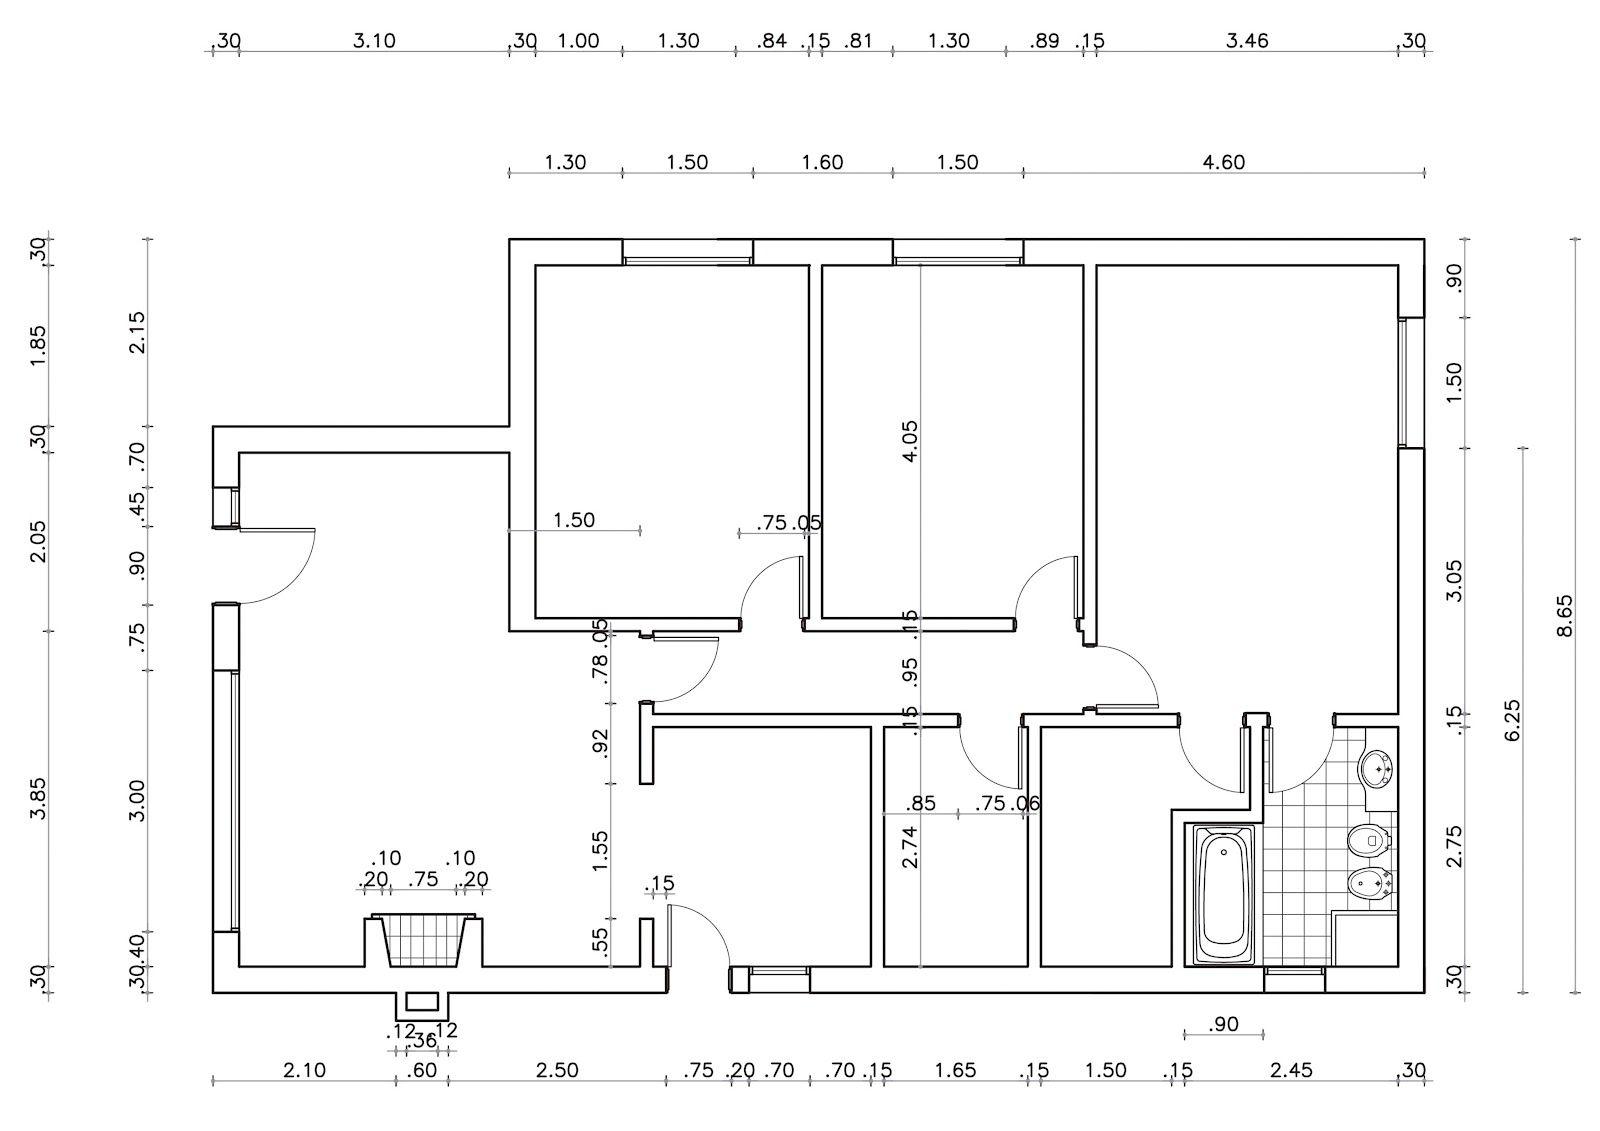 Plano Para Practicar Un Poco Mas Planos Bocetos De Diseño De Interiores Planos De Casas Minimalistas